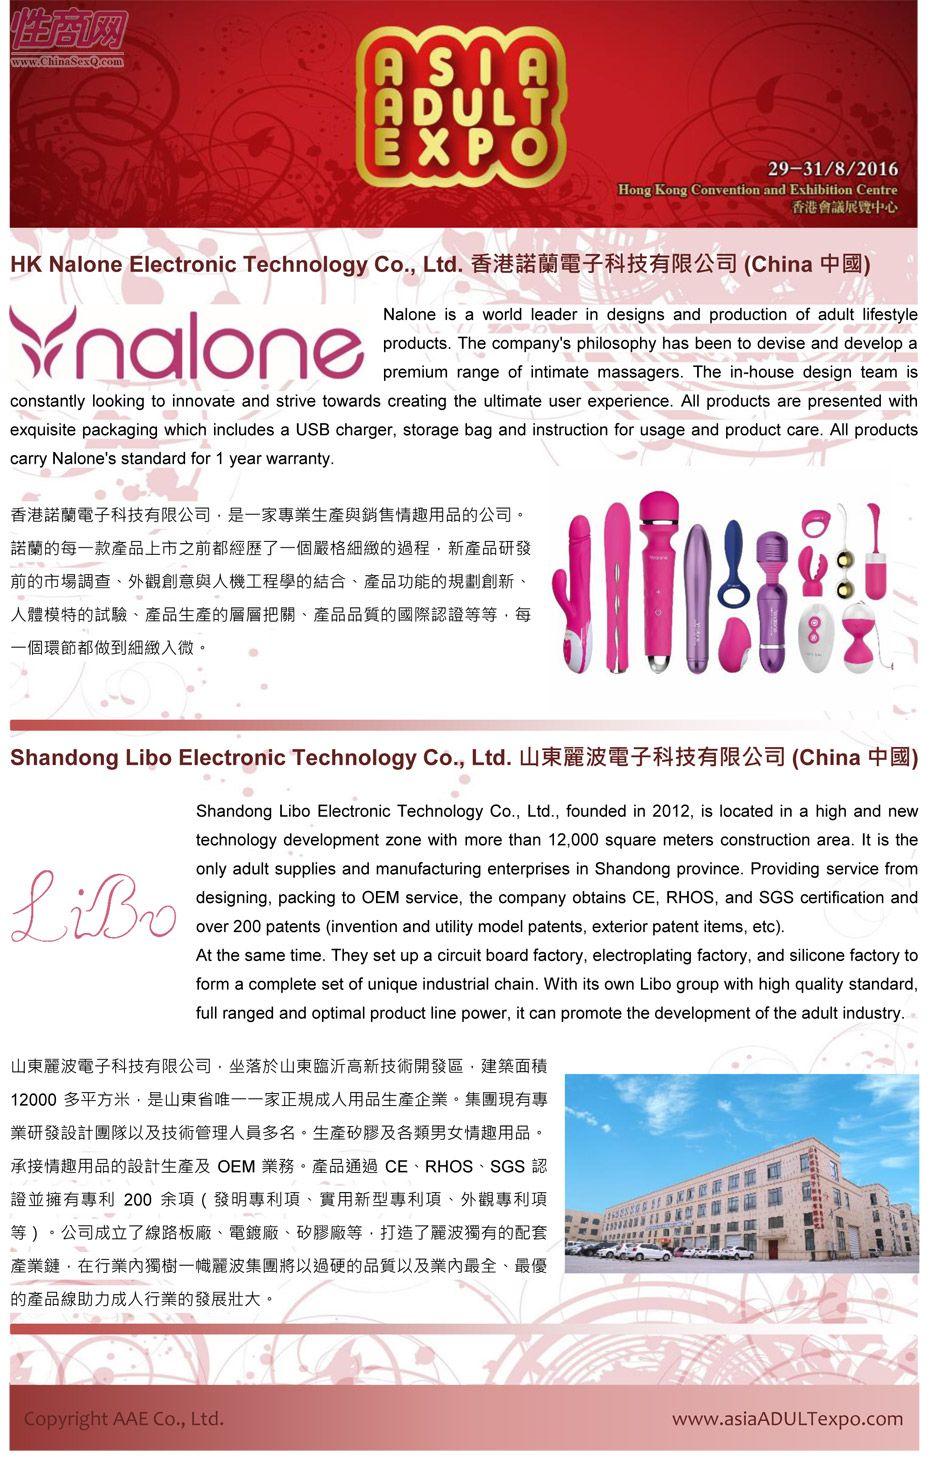 2016年亚洲成人博览AAE(香港)参展企业图片13